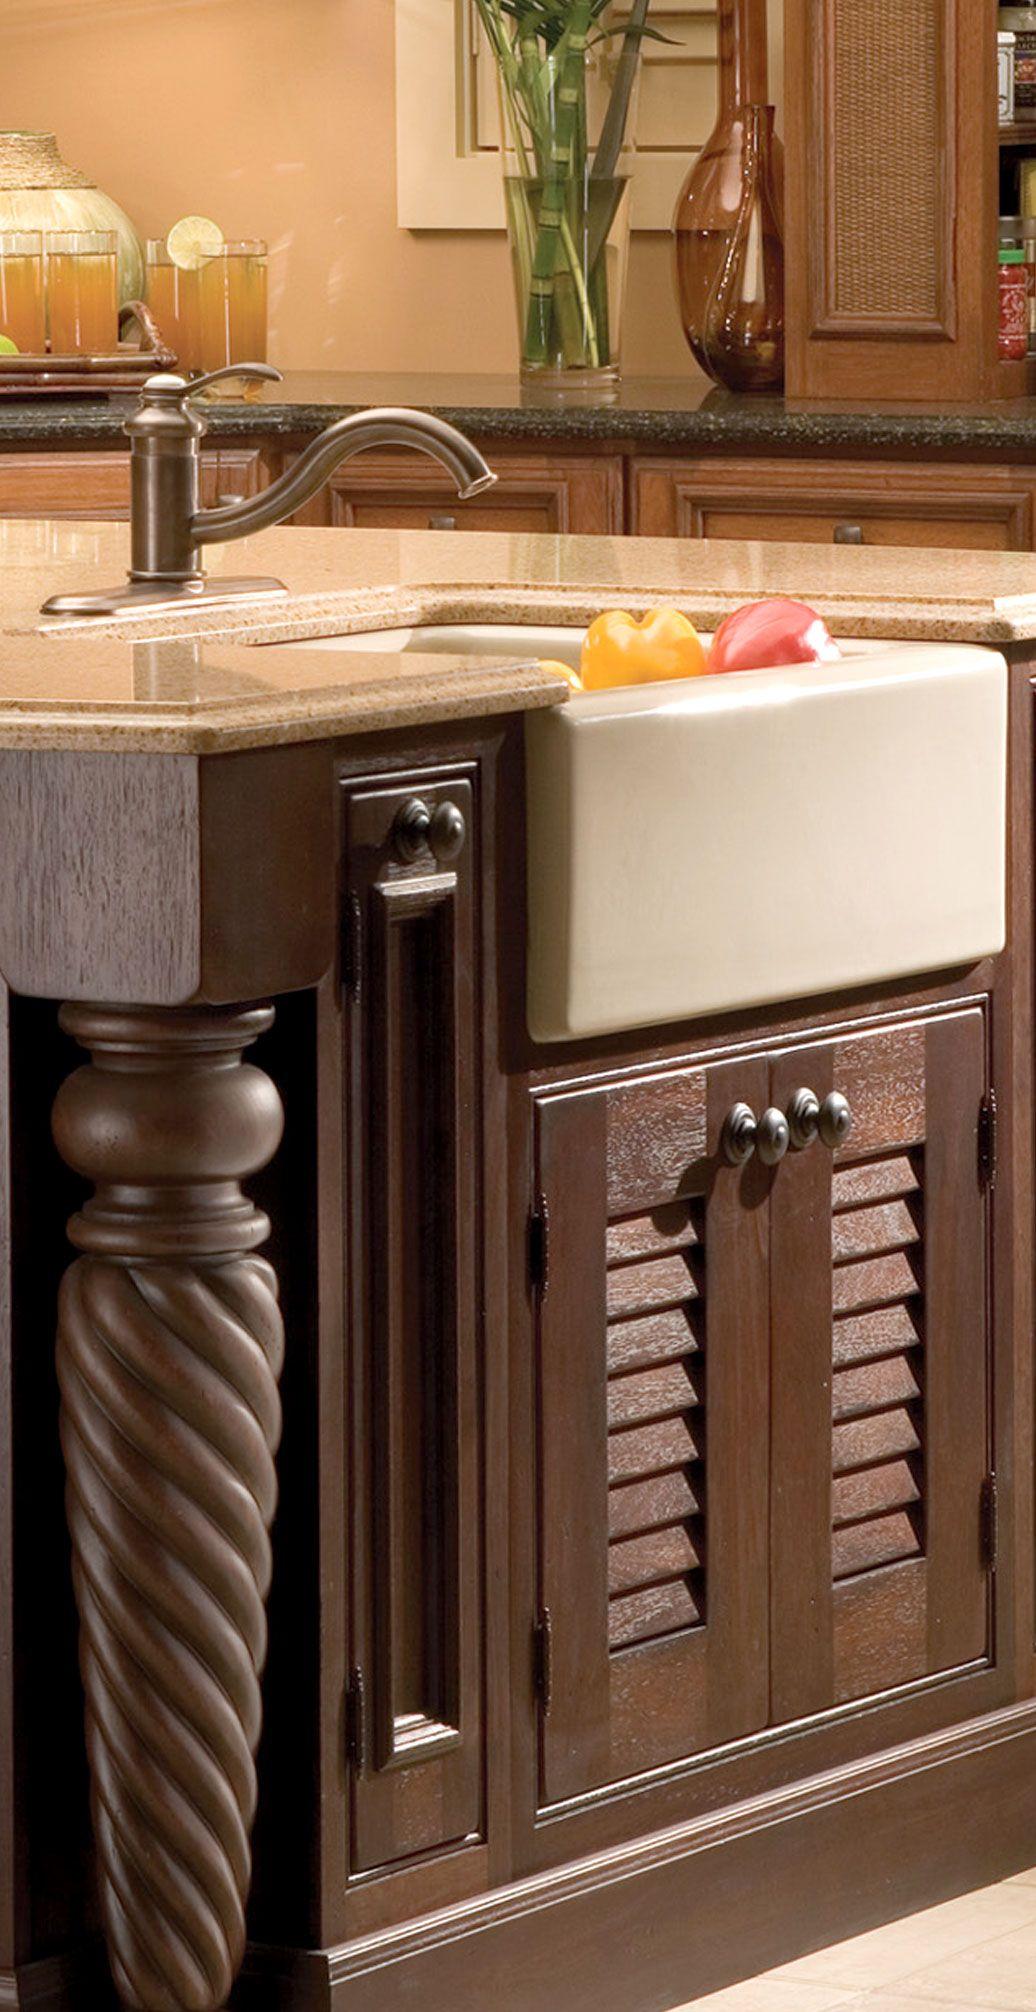 Dura Supreme Cabinetry Kitchen Bath Cabinetry Tropical Kitchen Design Island Design Kitchen Design